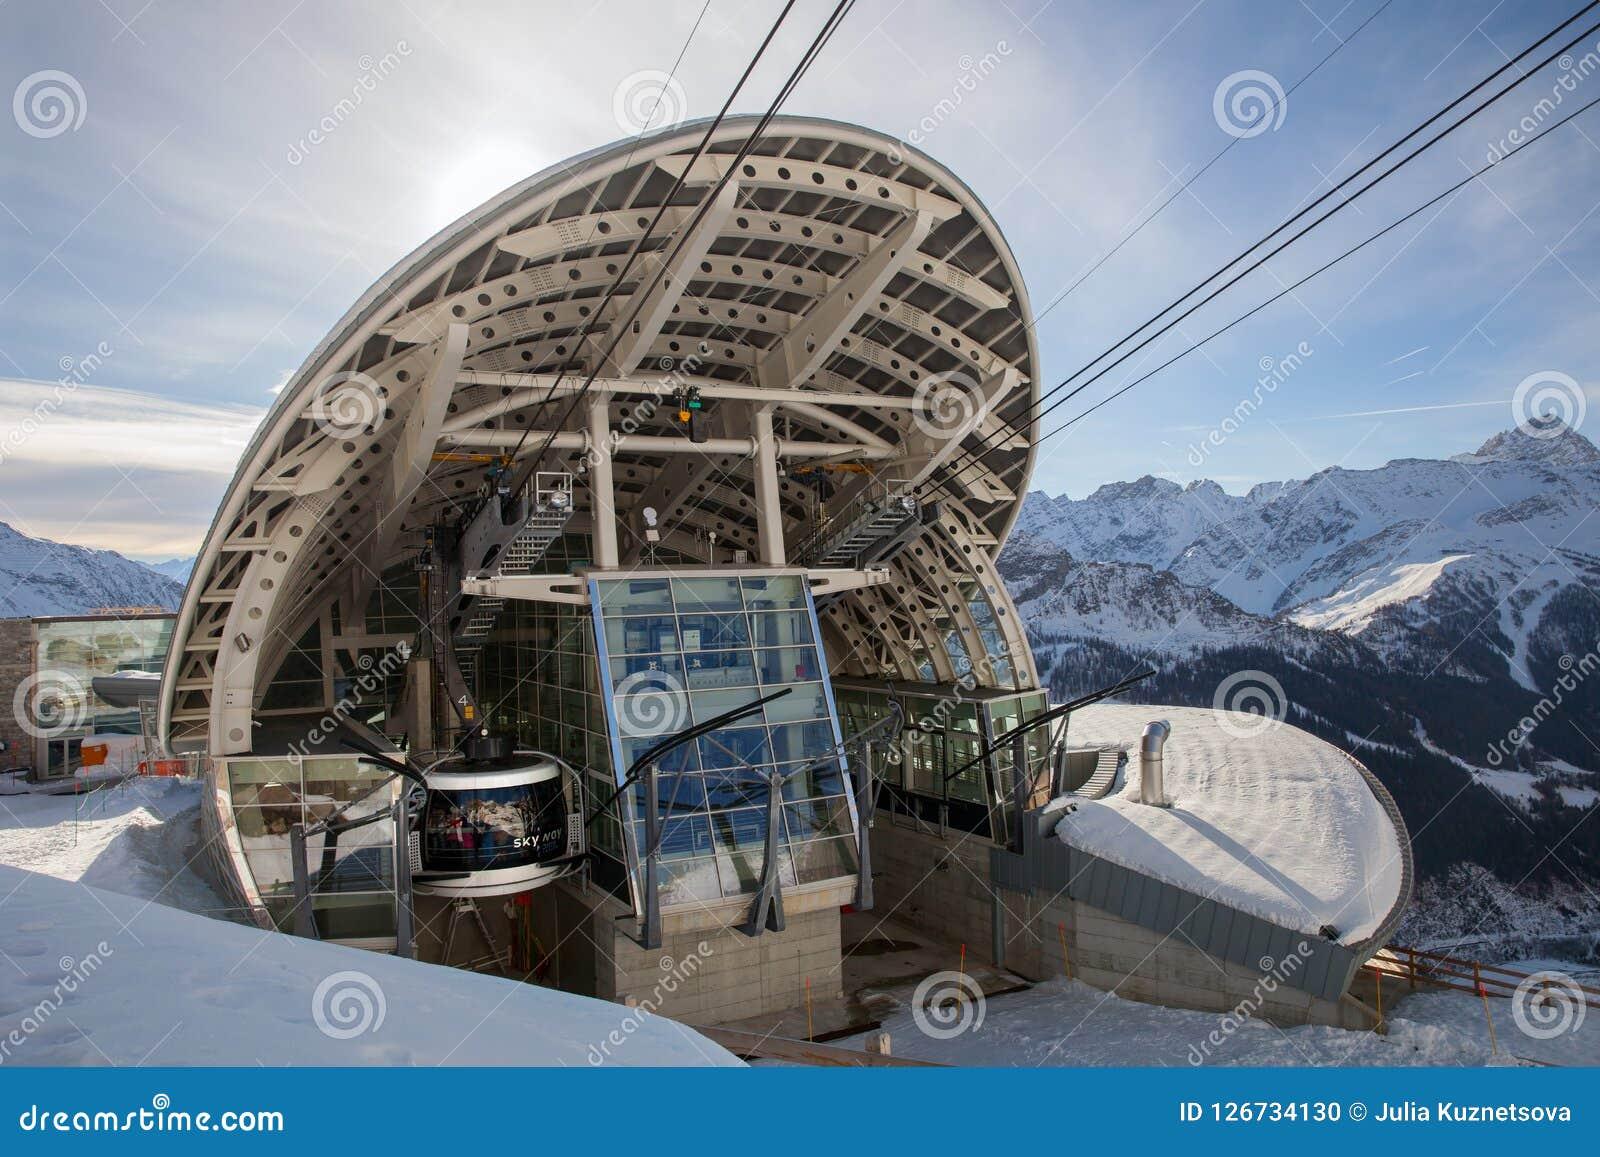 Terminal de la benne suspendue SKYWAY à Mont Blanc